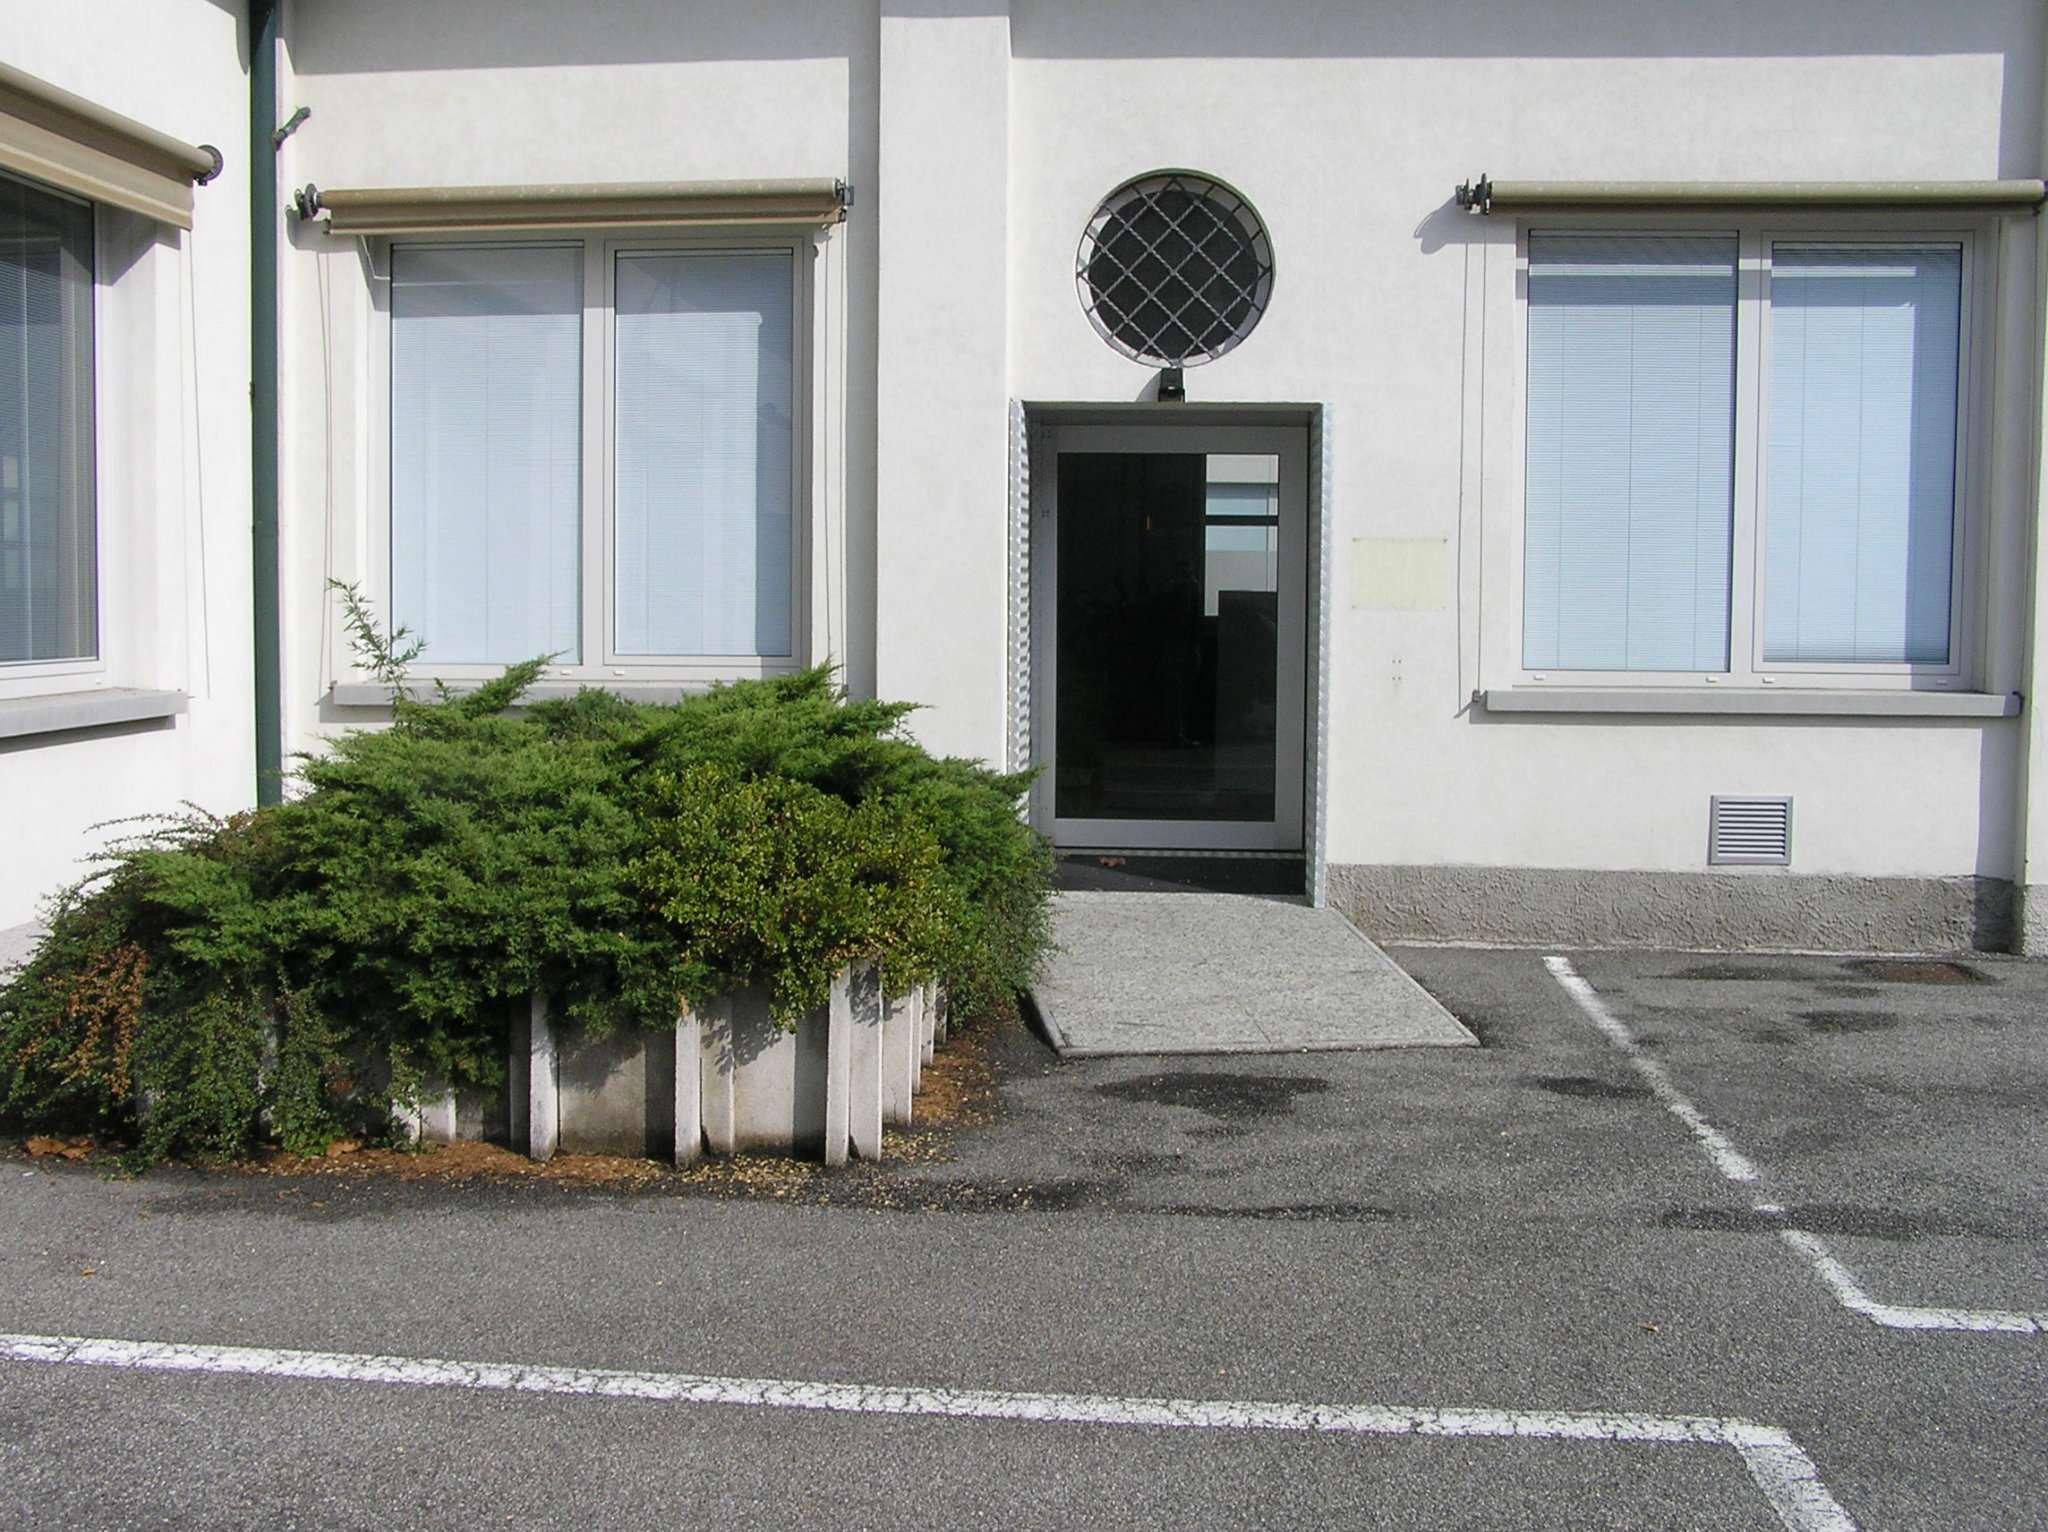 Immobile Commerciale in vendita a Fino Mornasco, 20 locali, prezzo € 1.700.000   CambioCasa.it